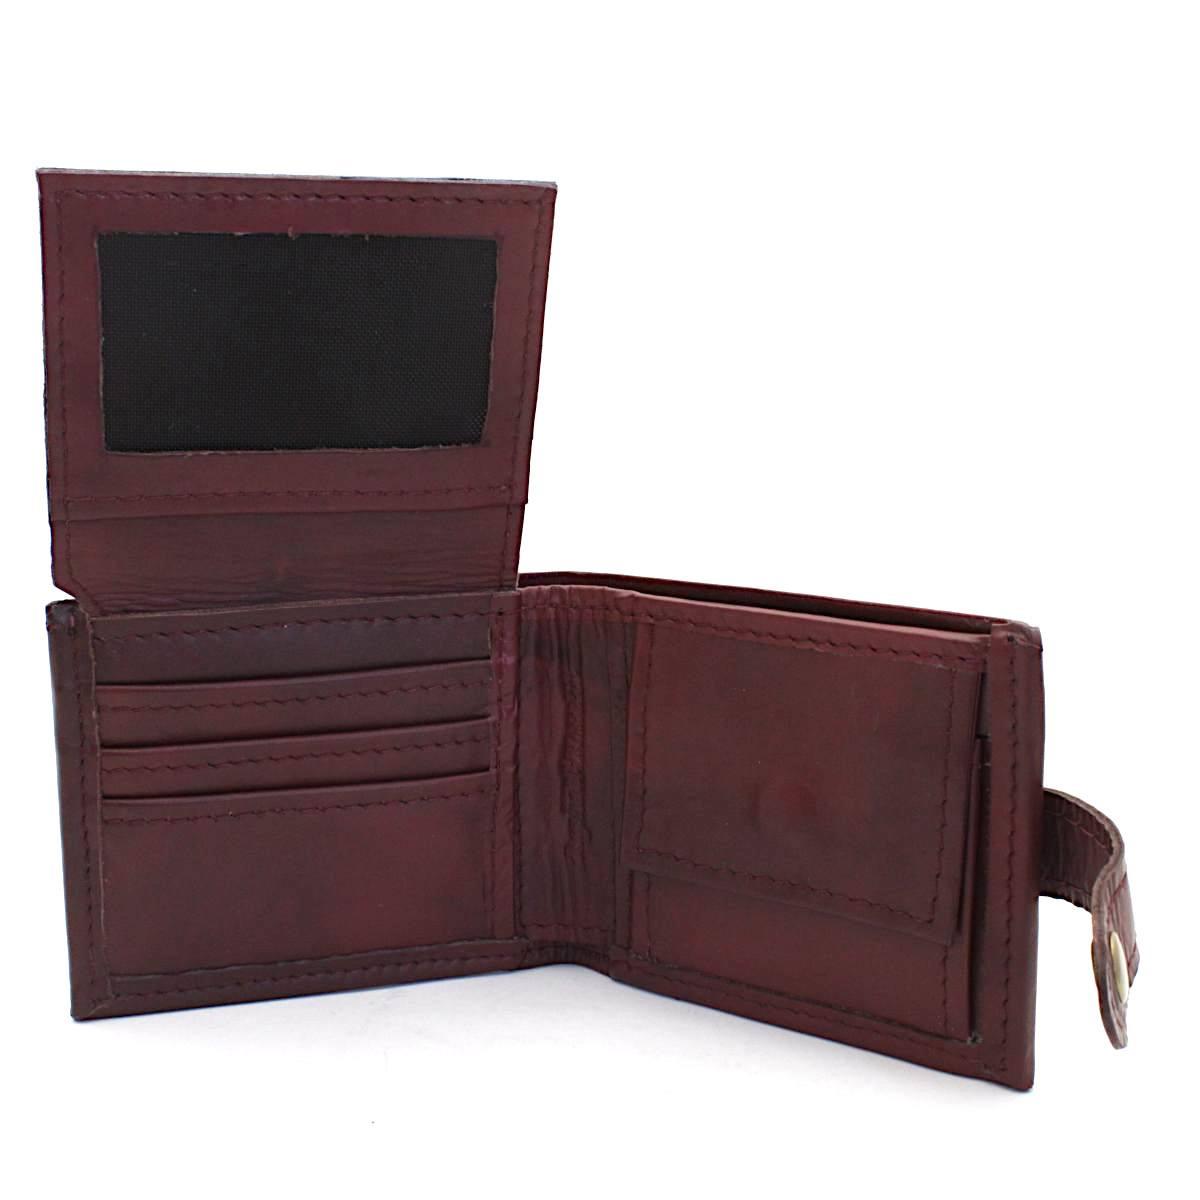 кожен портфейл - срахотен гравиран подарък - вътре